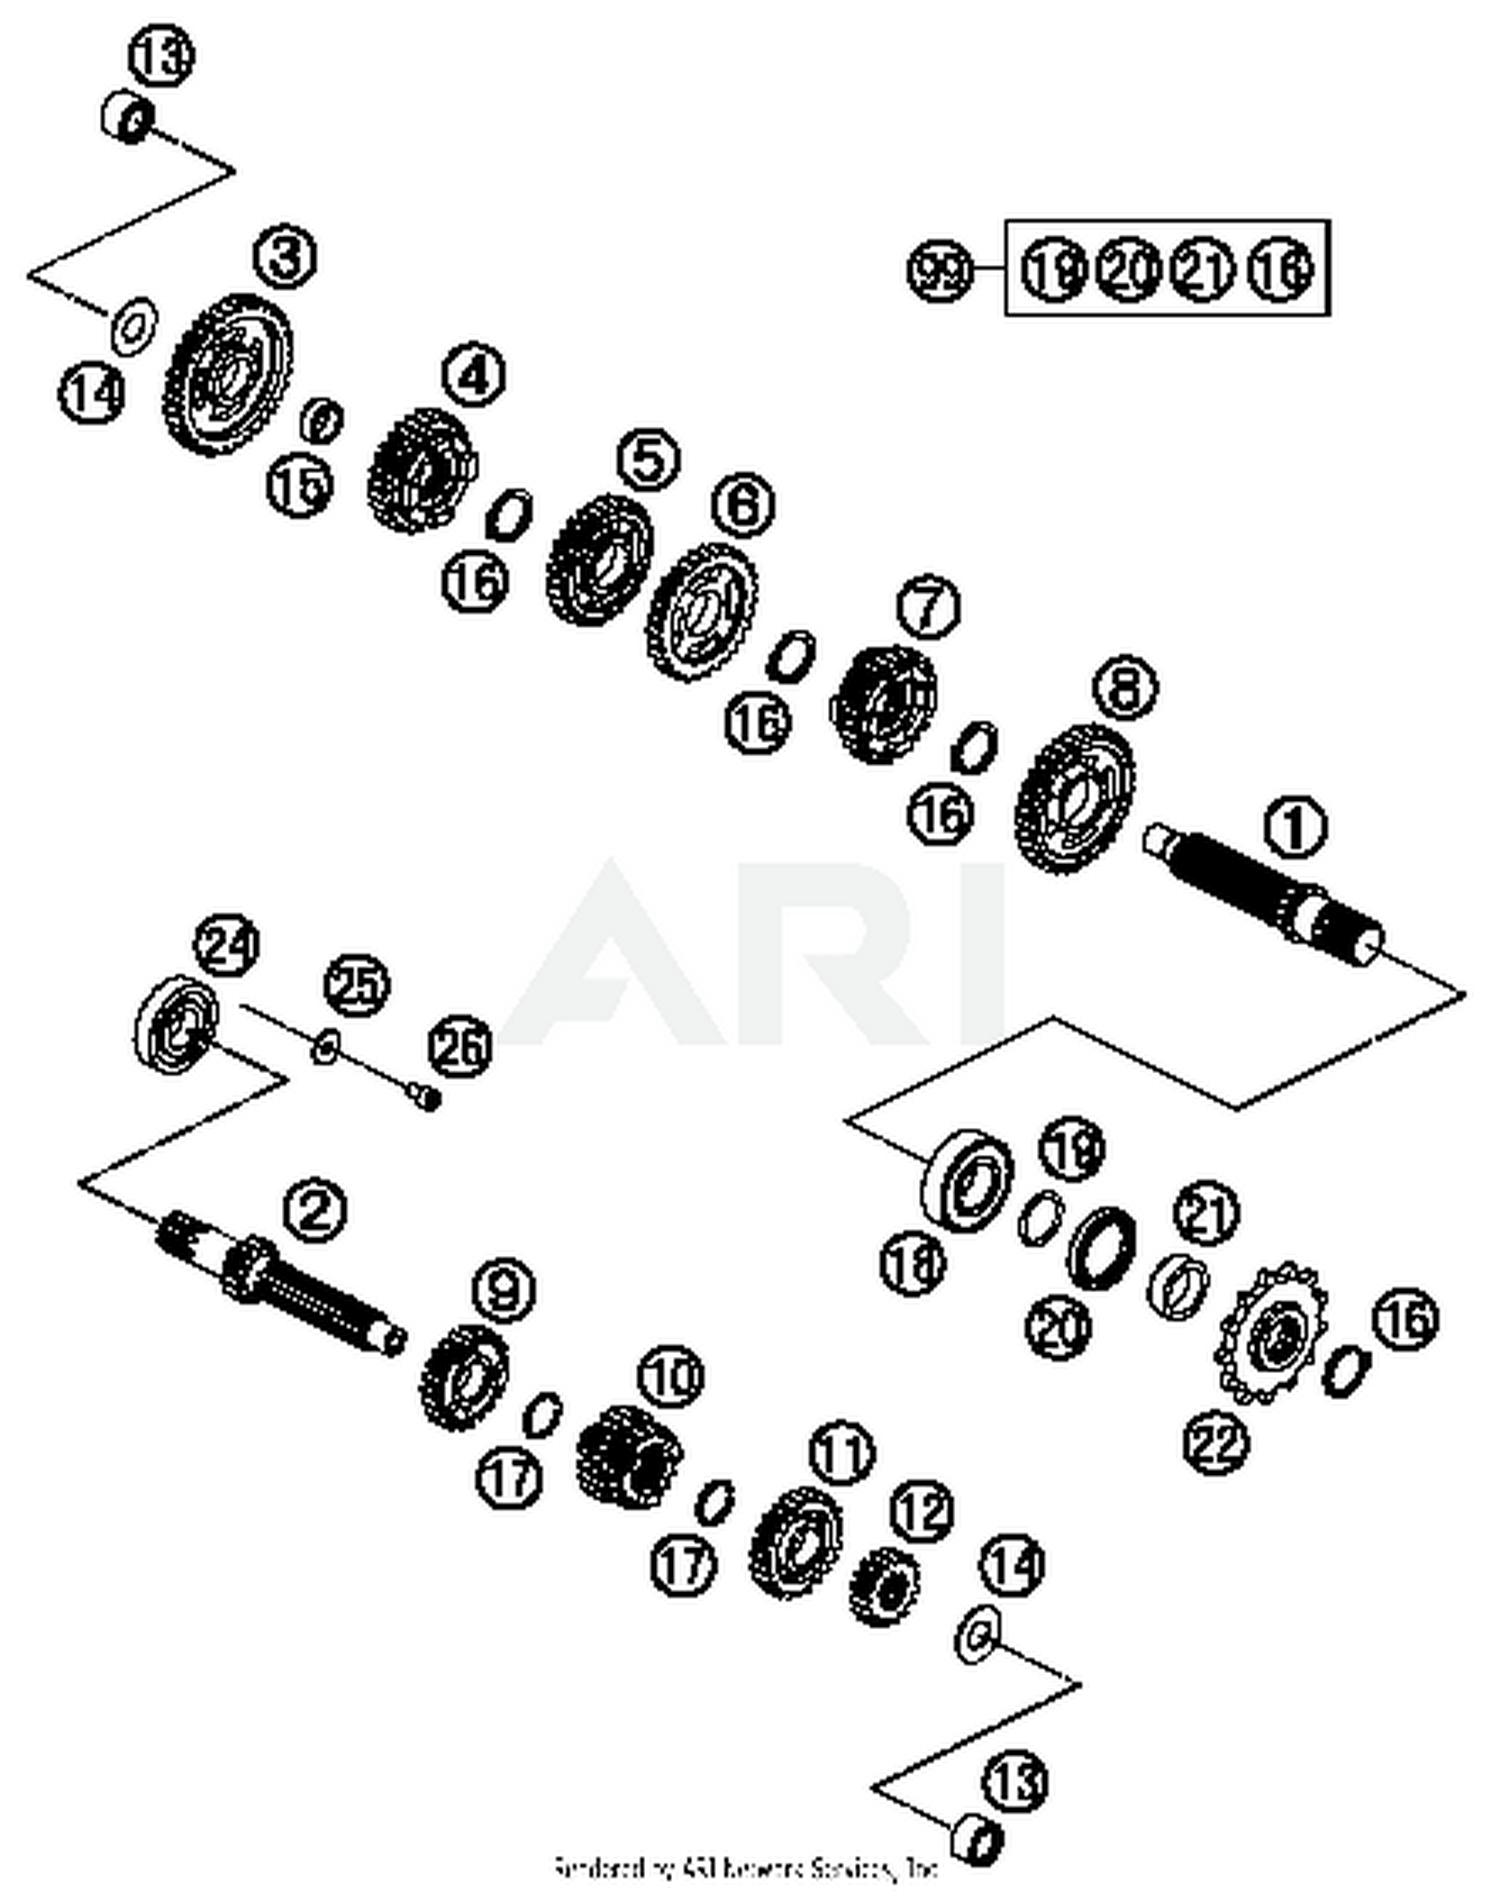 2018 Ktm 65 Sx Mini Transmission Parts Best Oem Wiring Diagram Schematic Search Results 0 In Schematics